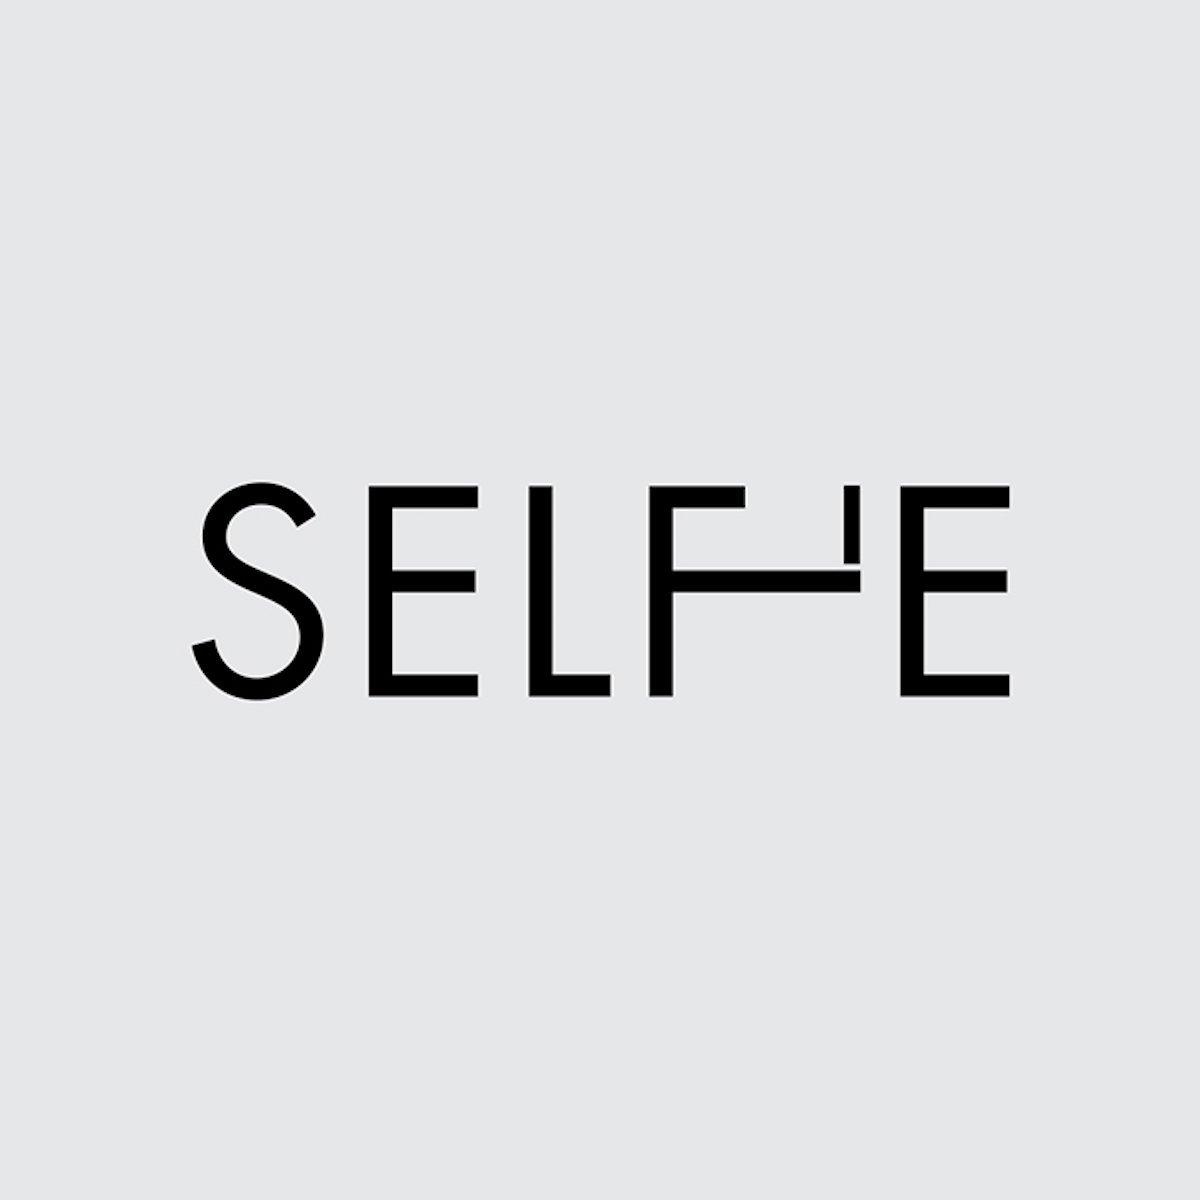 ji-lee-selfie